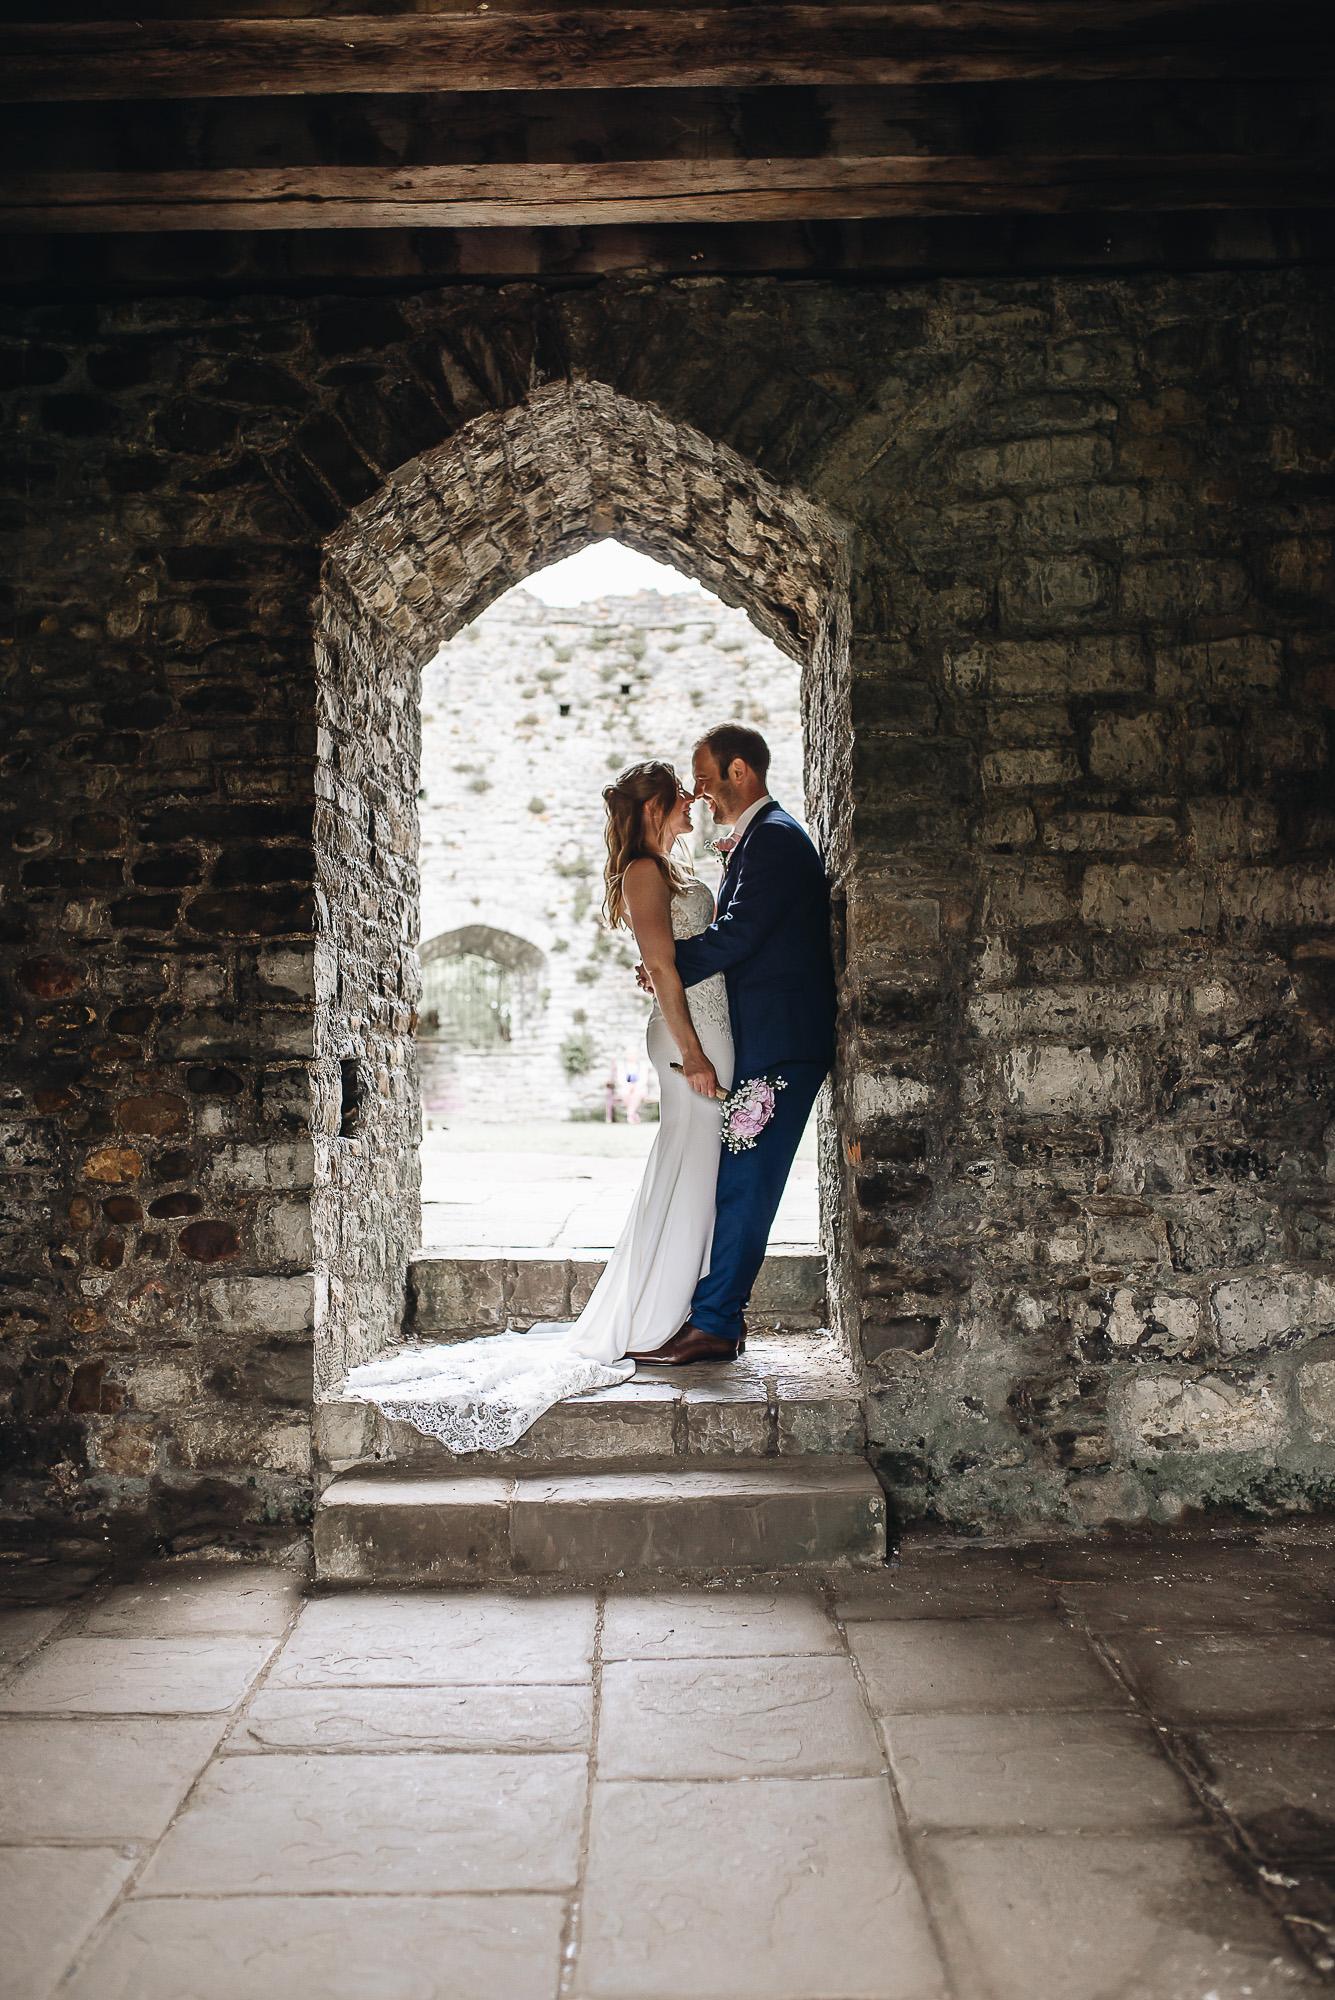 OurBeautifulAdventure-CardiffCastleWedding-Maddie&Joe-WeddingBlog-2-8.jpg